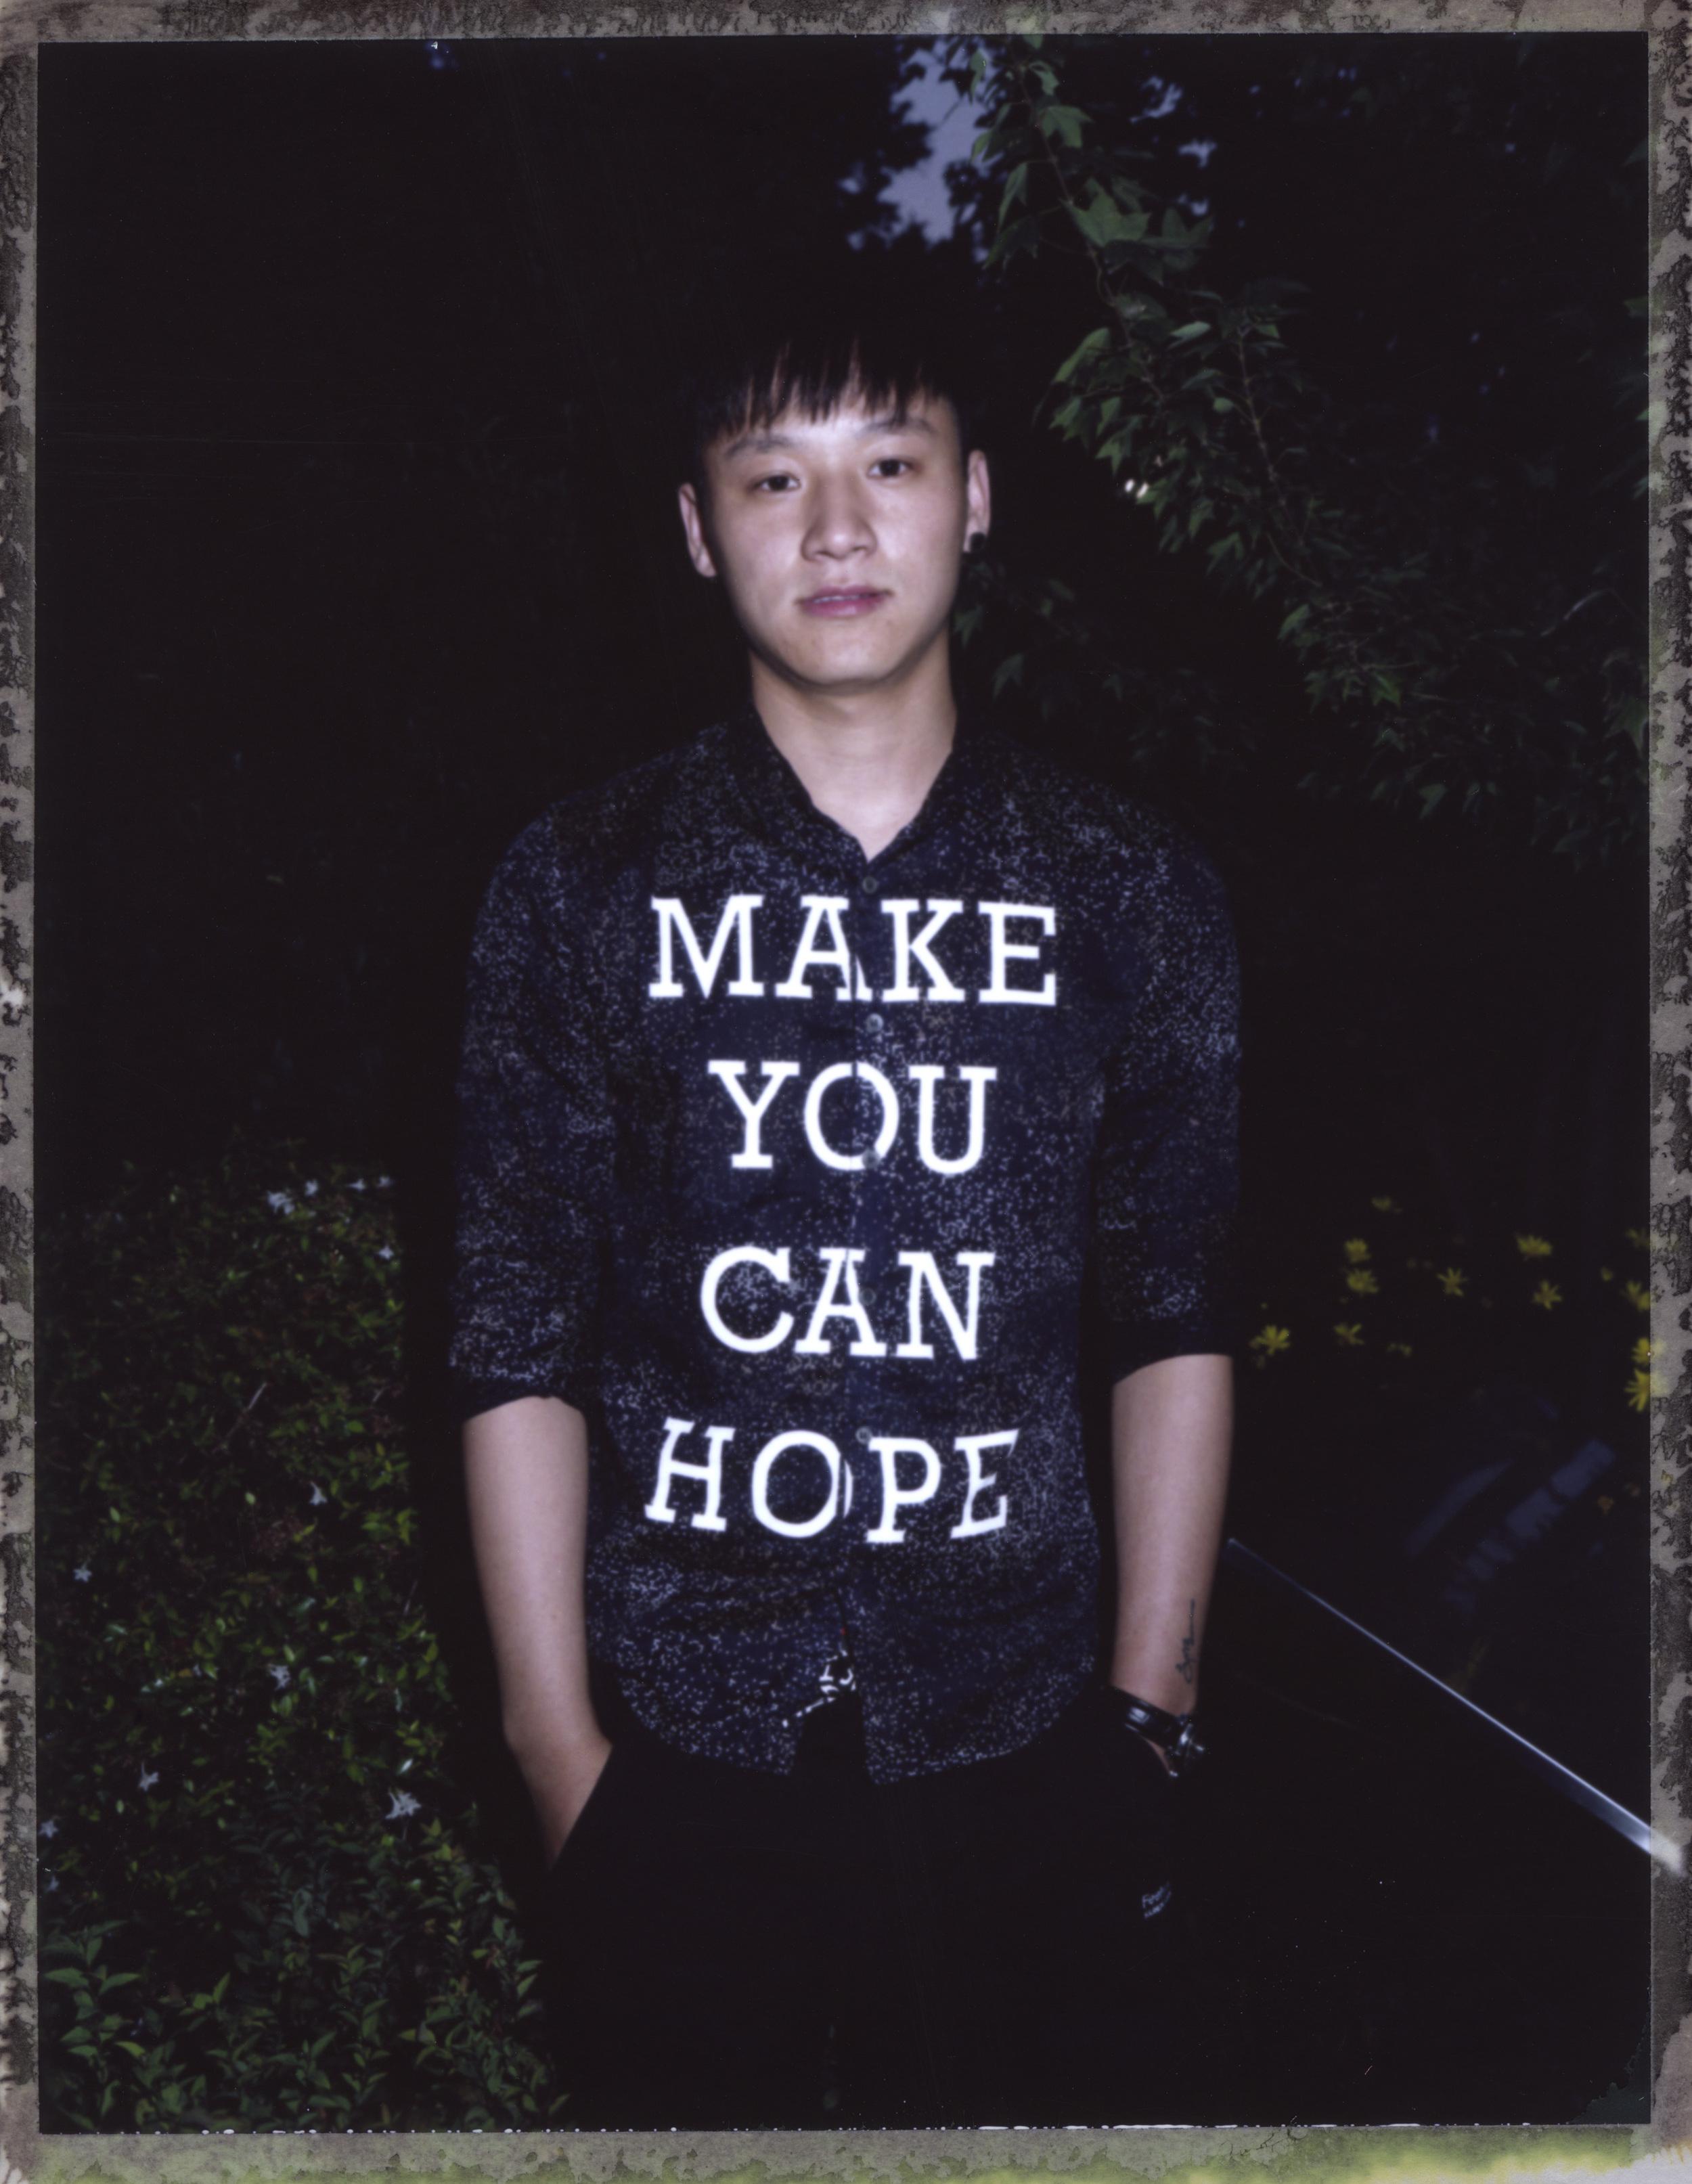 Make you can hope.jpg